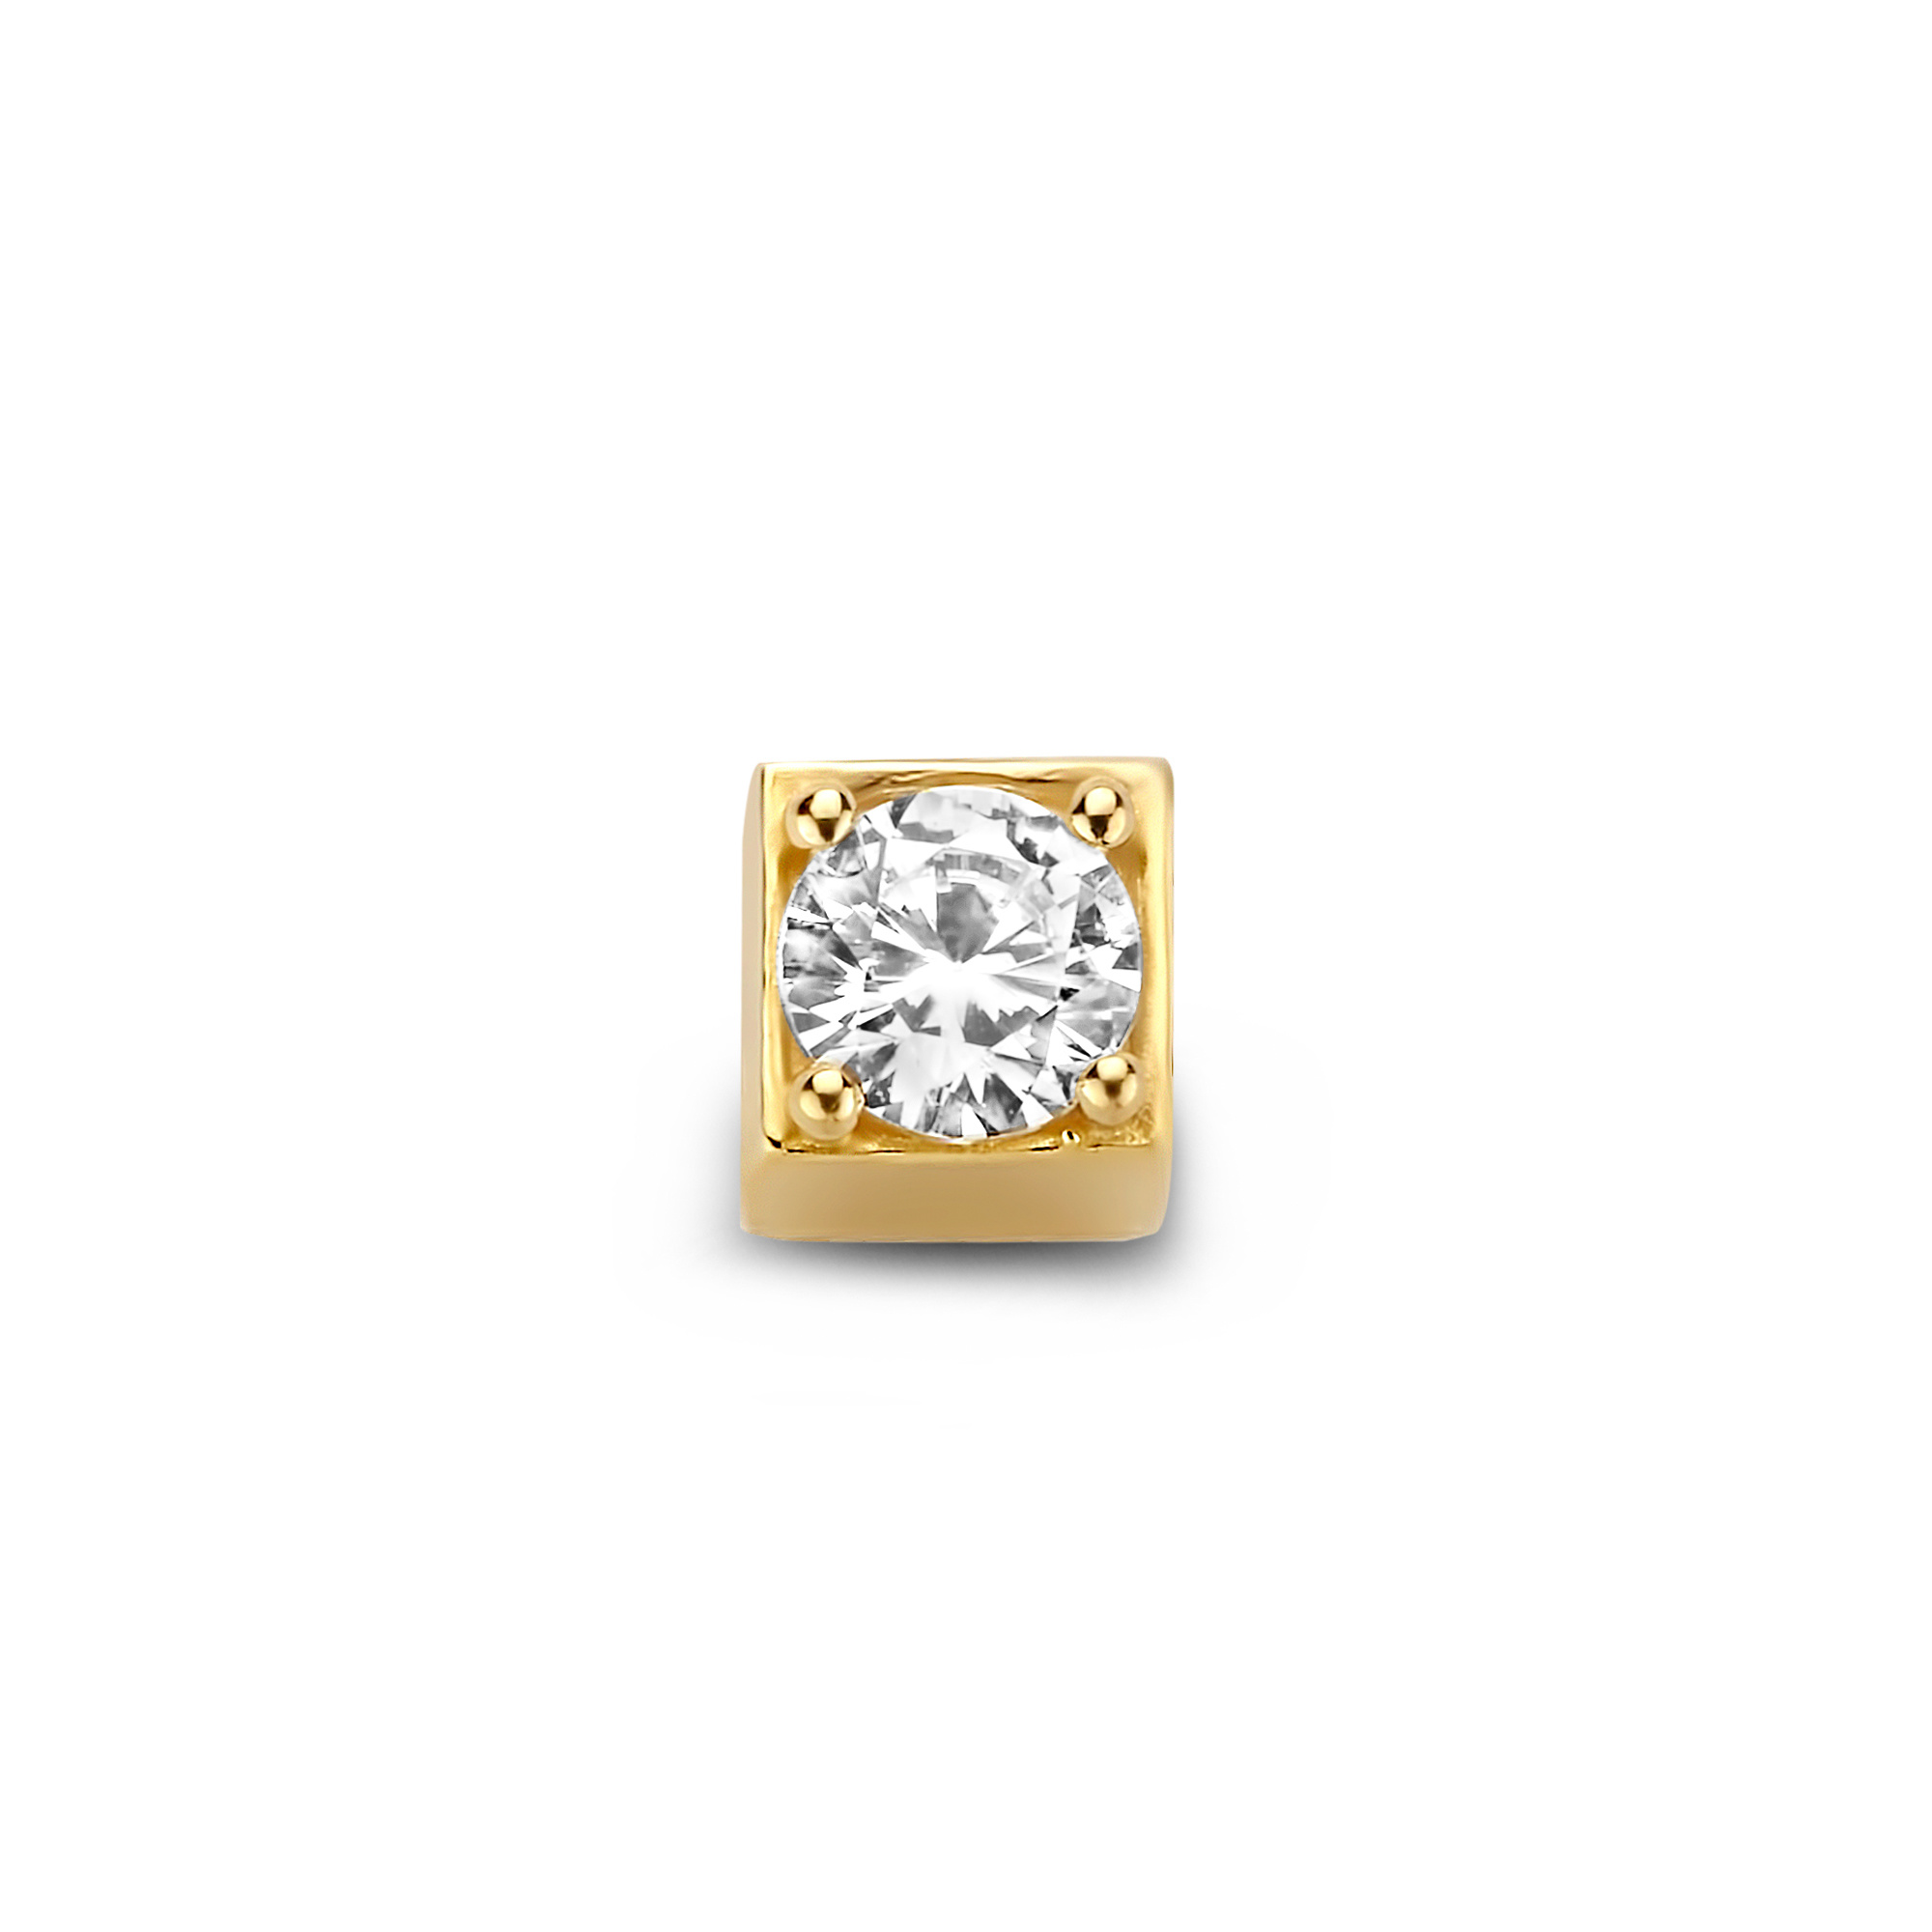 Isabel Bernard Le Carré Felie 585er Goldwürfel Charm mit Zirkonia